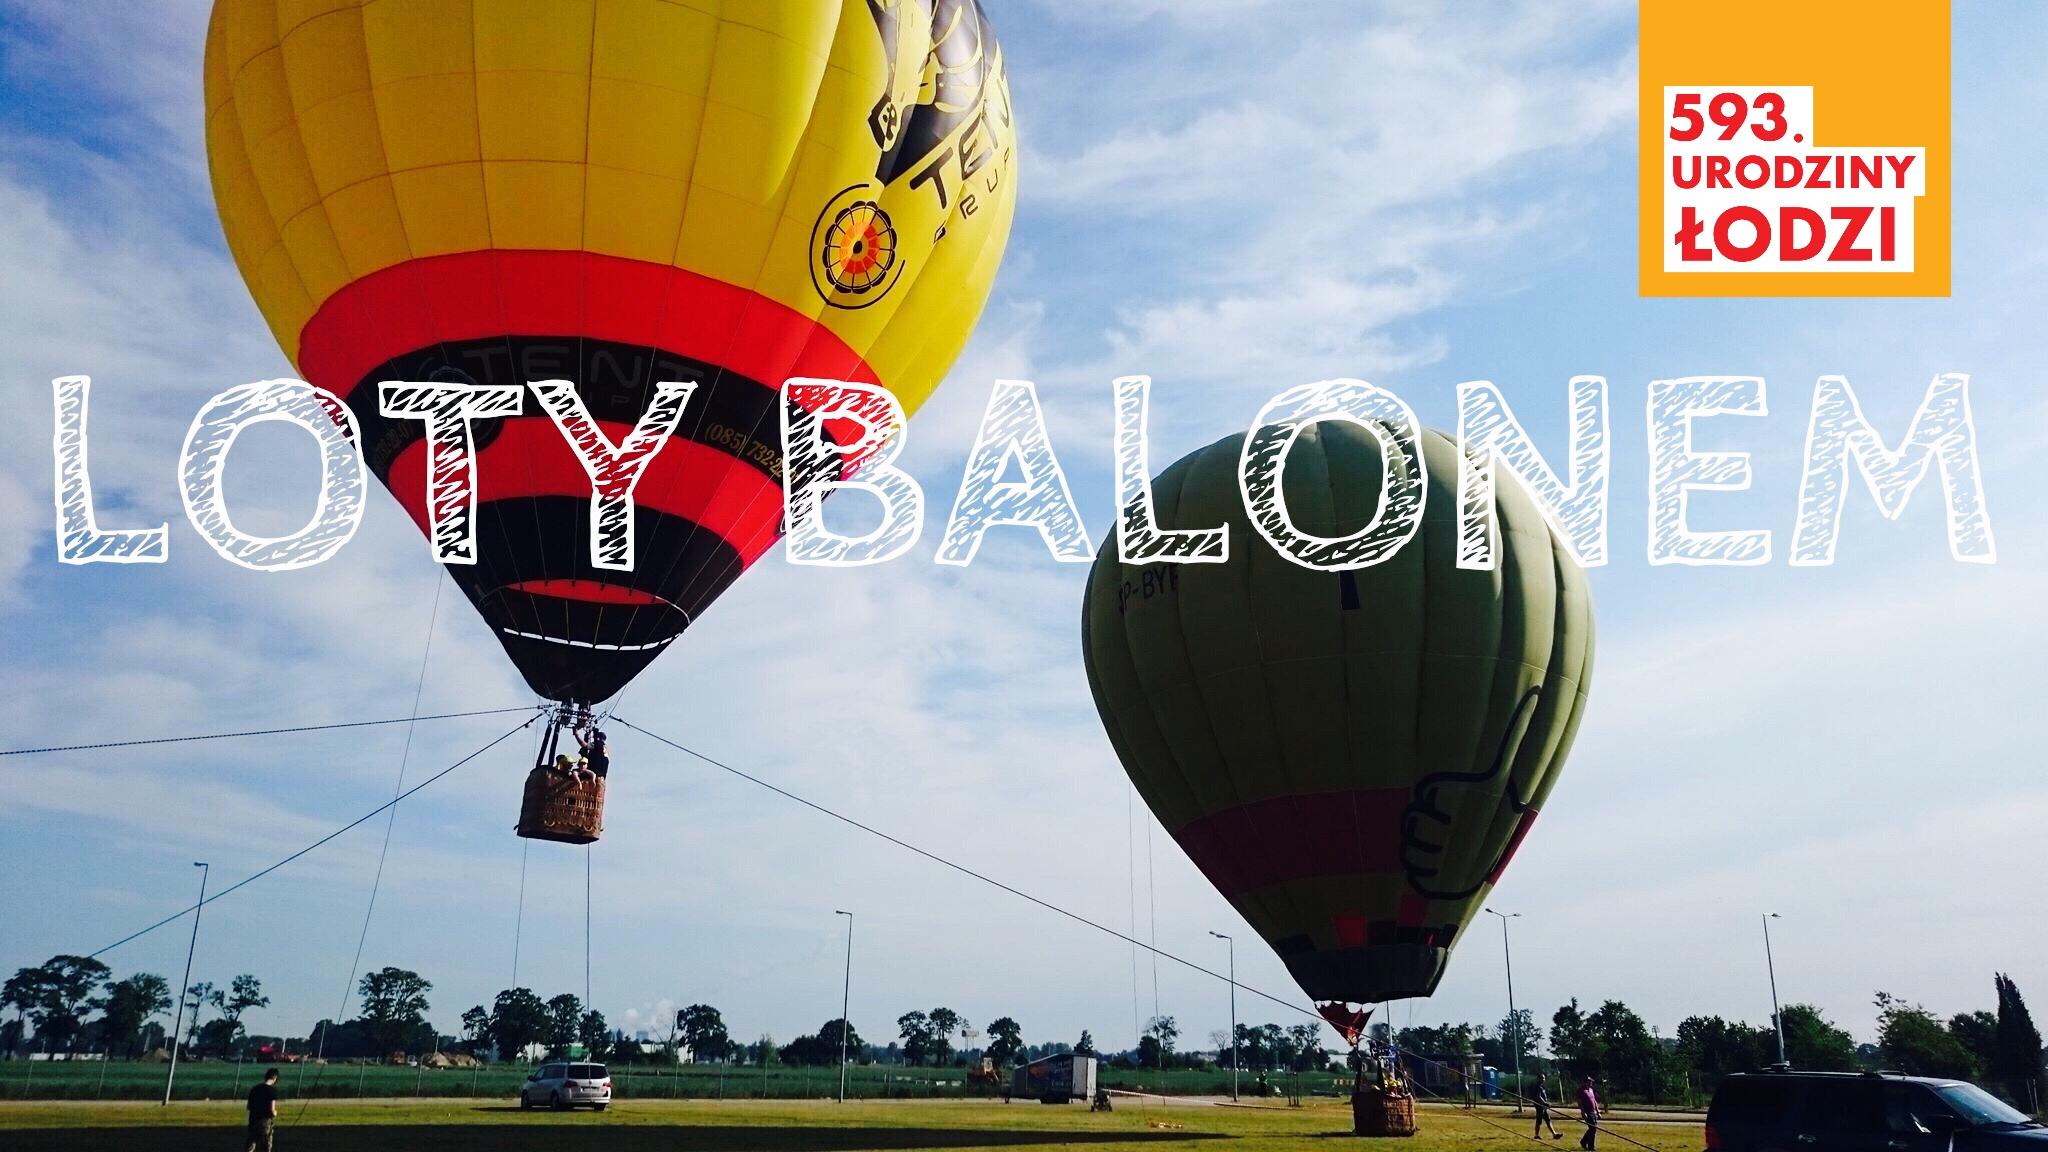 Lot balonem za darmo! (z okazji 593 urodzin Łodzi)